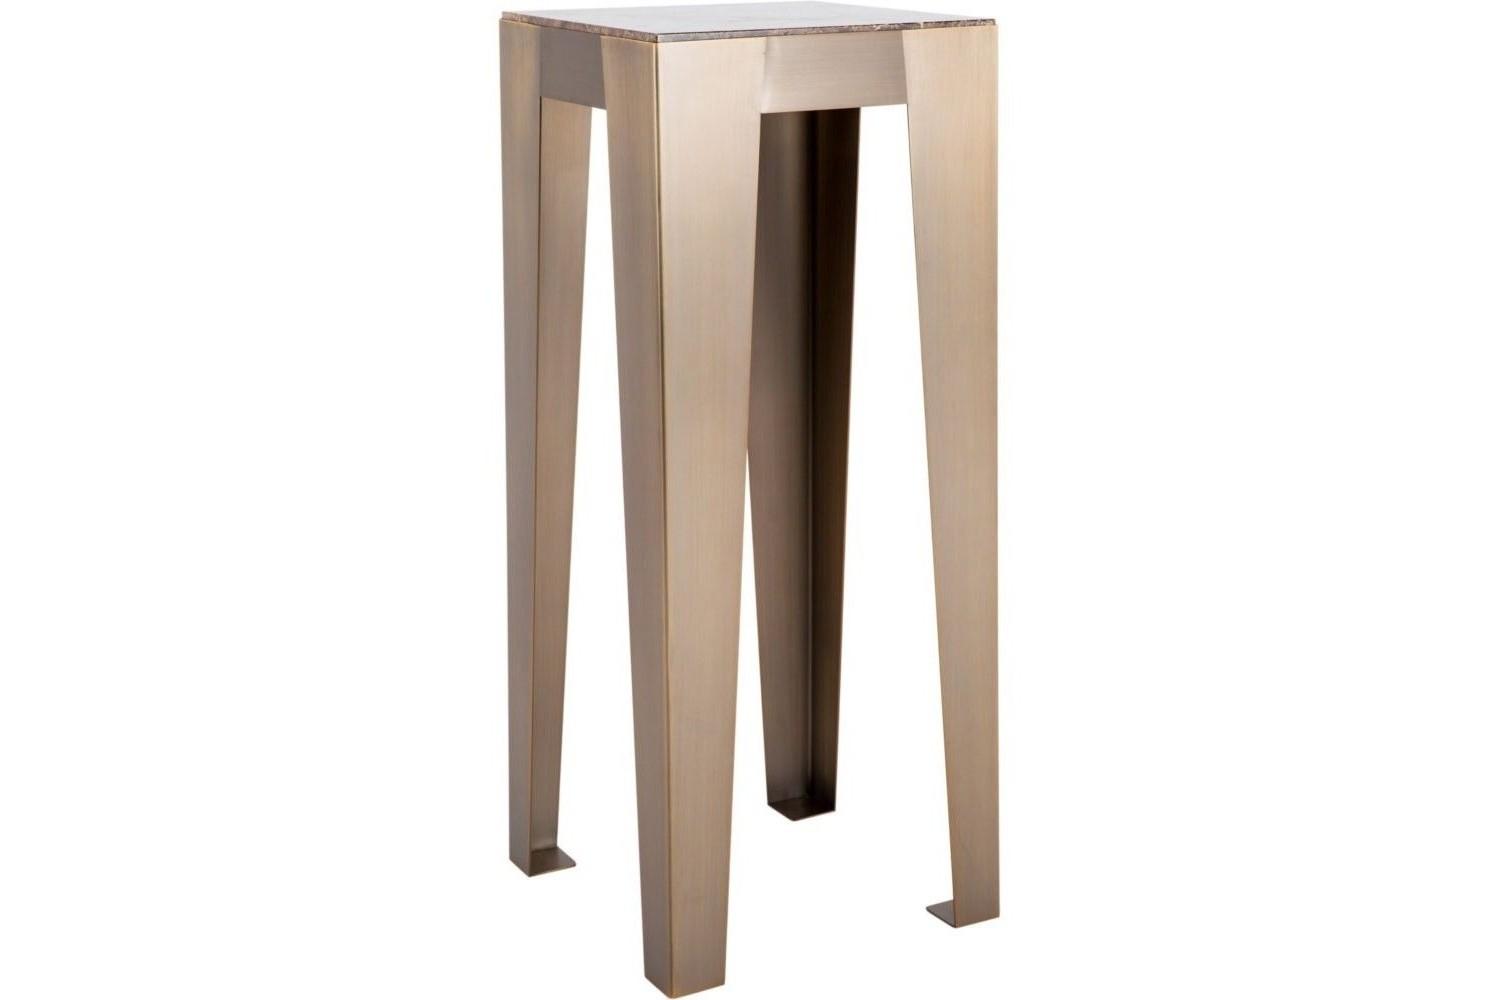 Консоль HermesИнтерьерные консоли<br>Коллекция столов и столиков Hermes создана, чтобы воплотить самые смелые идеи в оформлении Вашего дома. Сияющие массивные ножки, поддерживающие стеклянную столешницу, «изрезанную» мраморными прожилками великолепно смотрятся в любой форме и размере. Узкий длинный или высокий квадратный постаменты для декора,  низкий  журнальный или квадратный кофейный столы – любая из этих роскошных деталей добавит в ваш интерьер шика и создаст неповторимый стиль.<br><br>Material: Металл<br>Width см: 40<br>Depth см: 40<br>Height см: 100